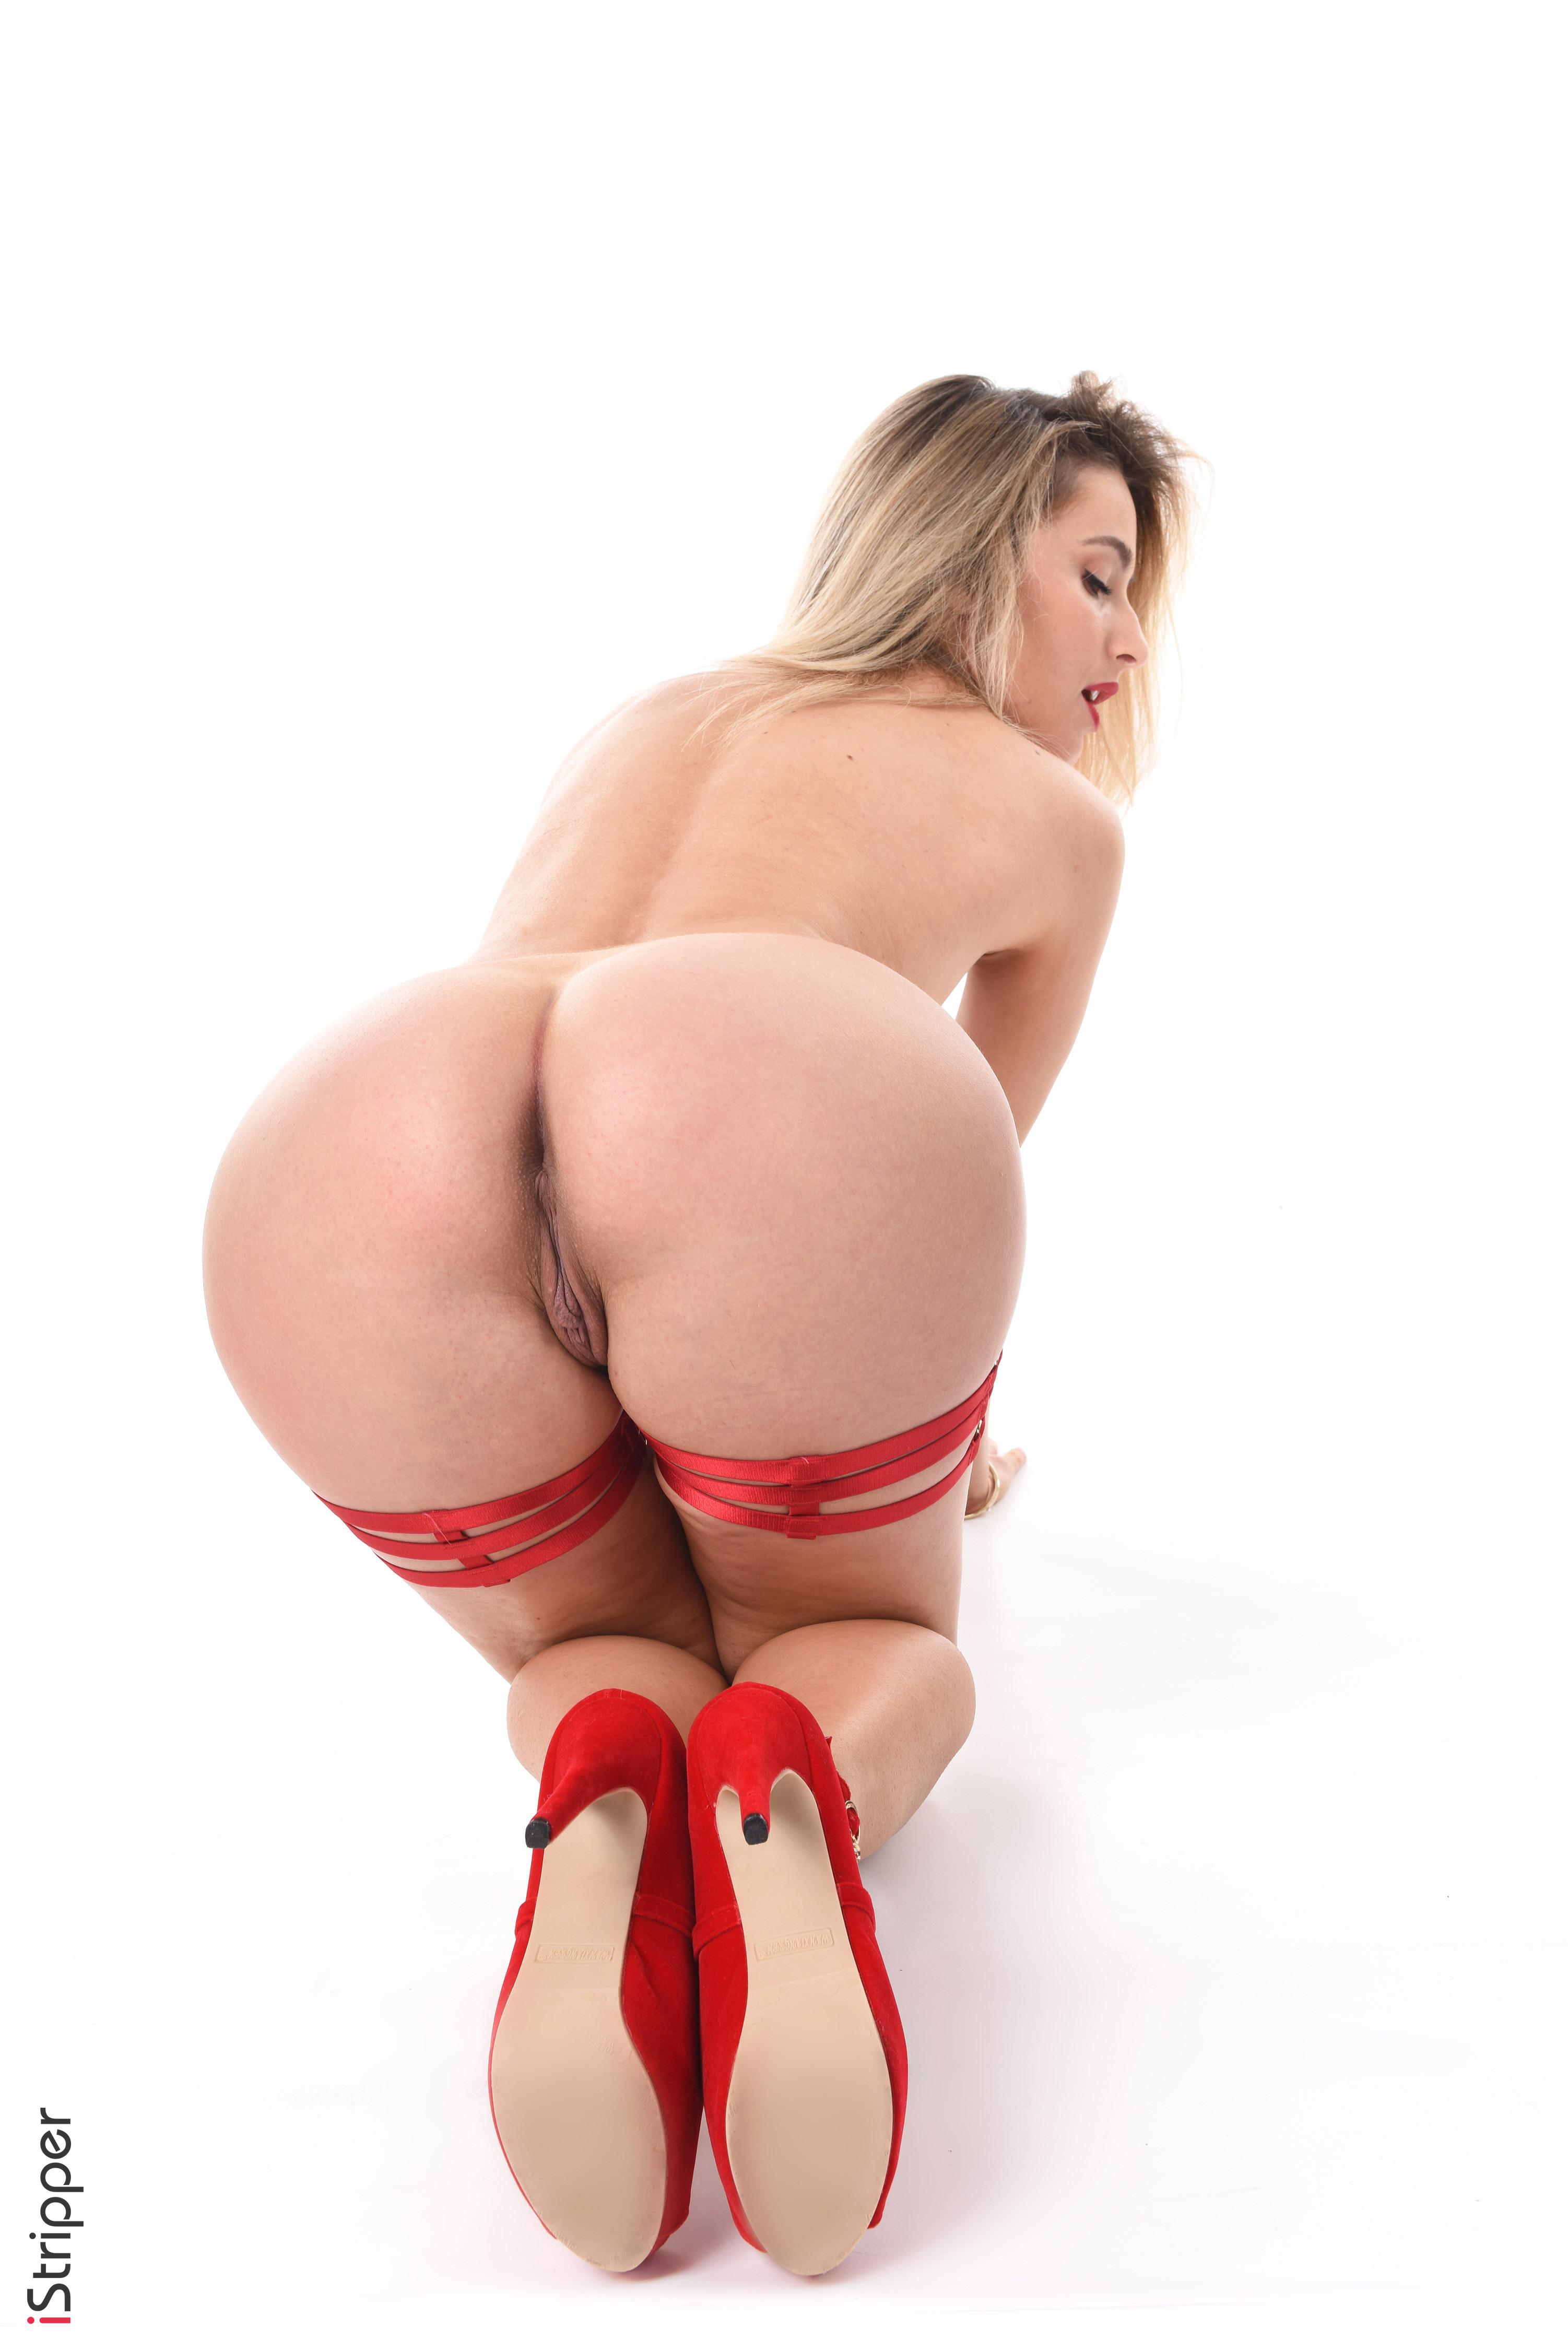 desktop strippers pictures